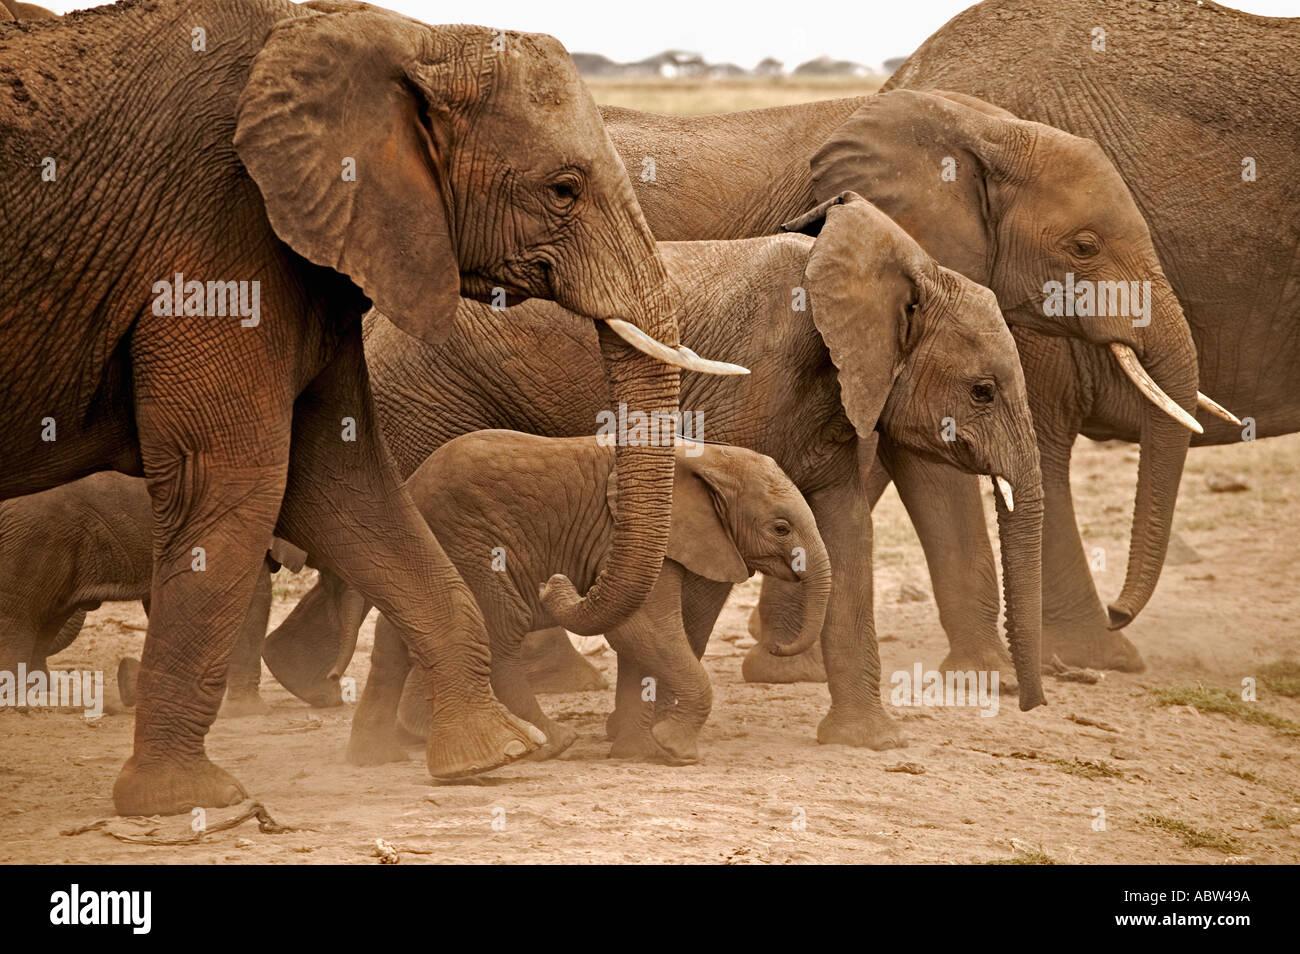 Elefante Africano Loxodonta africana rebaño en el mover el Parque Nacional Amboseli Kenia Dist el África subsahariana Imagen De Stock